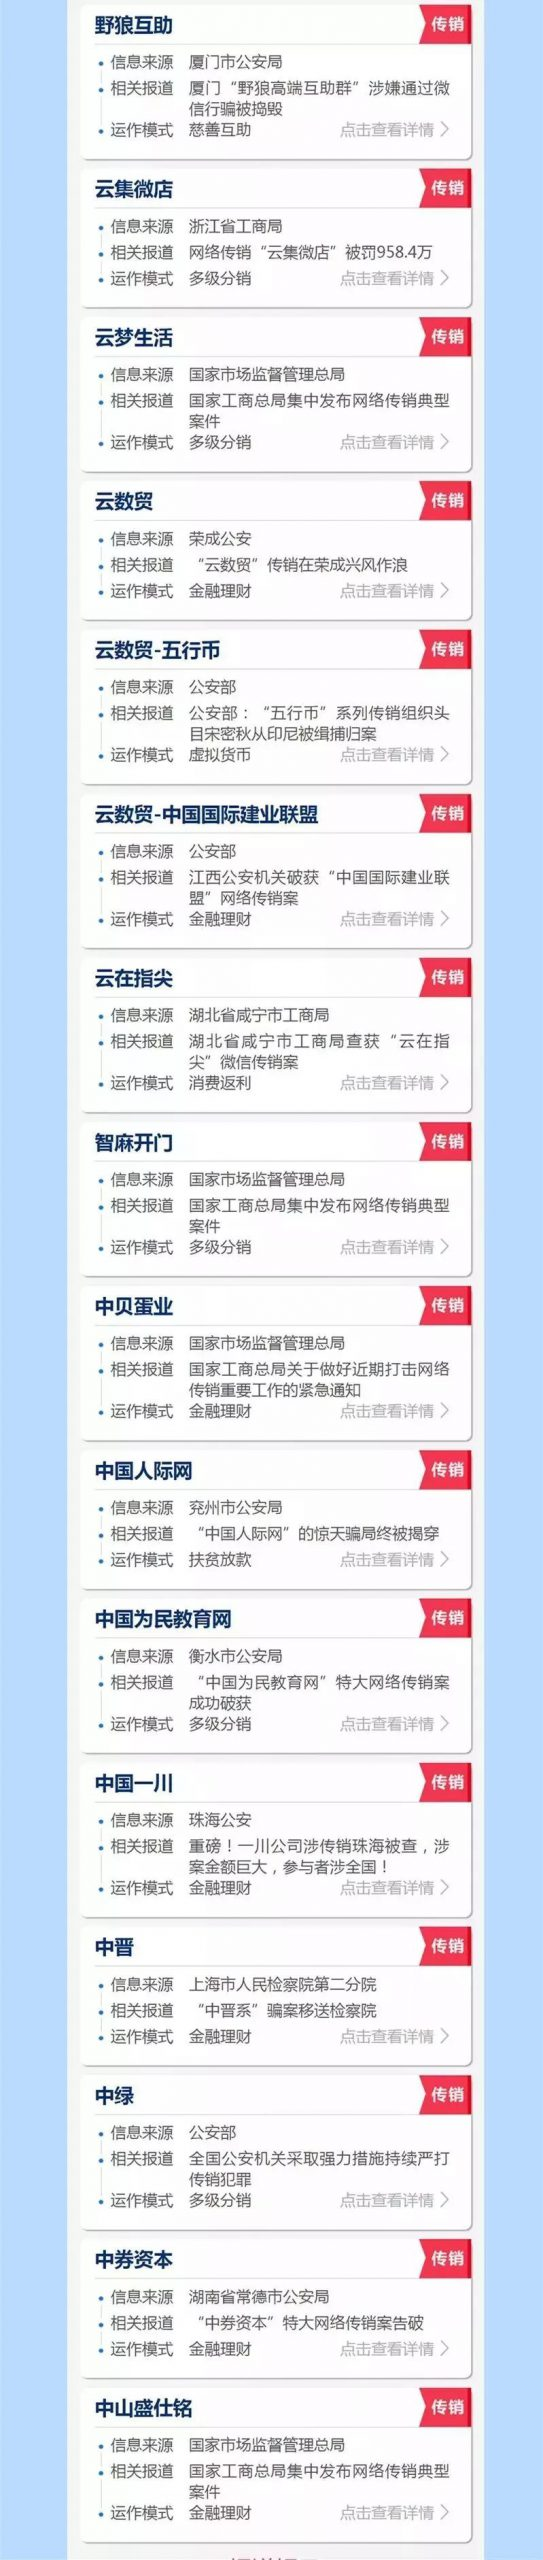 """现场视频曝光!广东20多名""""富婆""""被抓,她们都来自这些组织!插图48"""